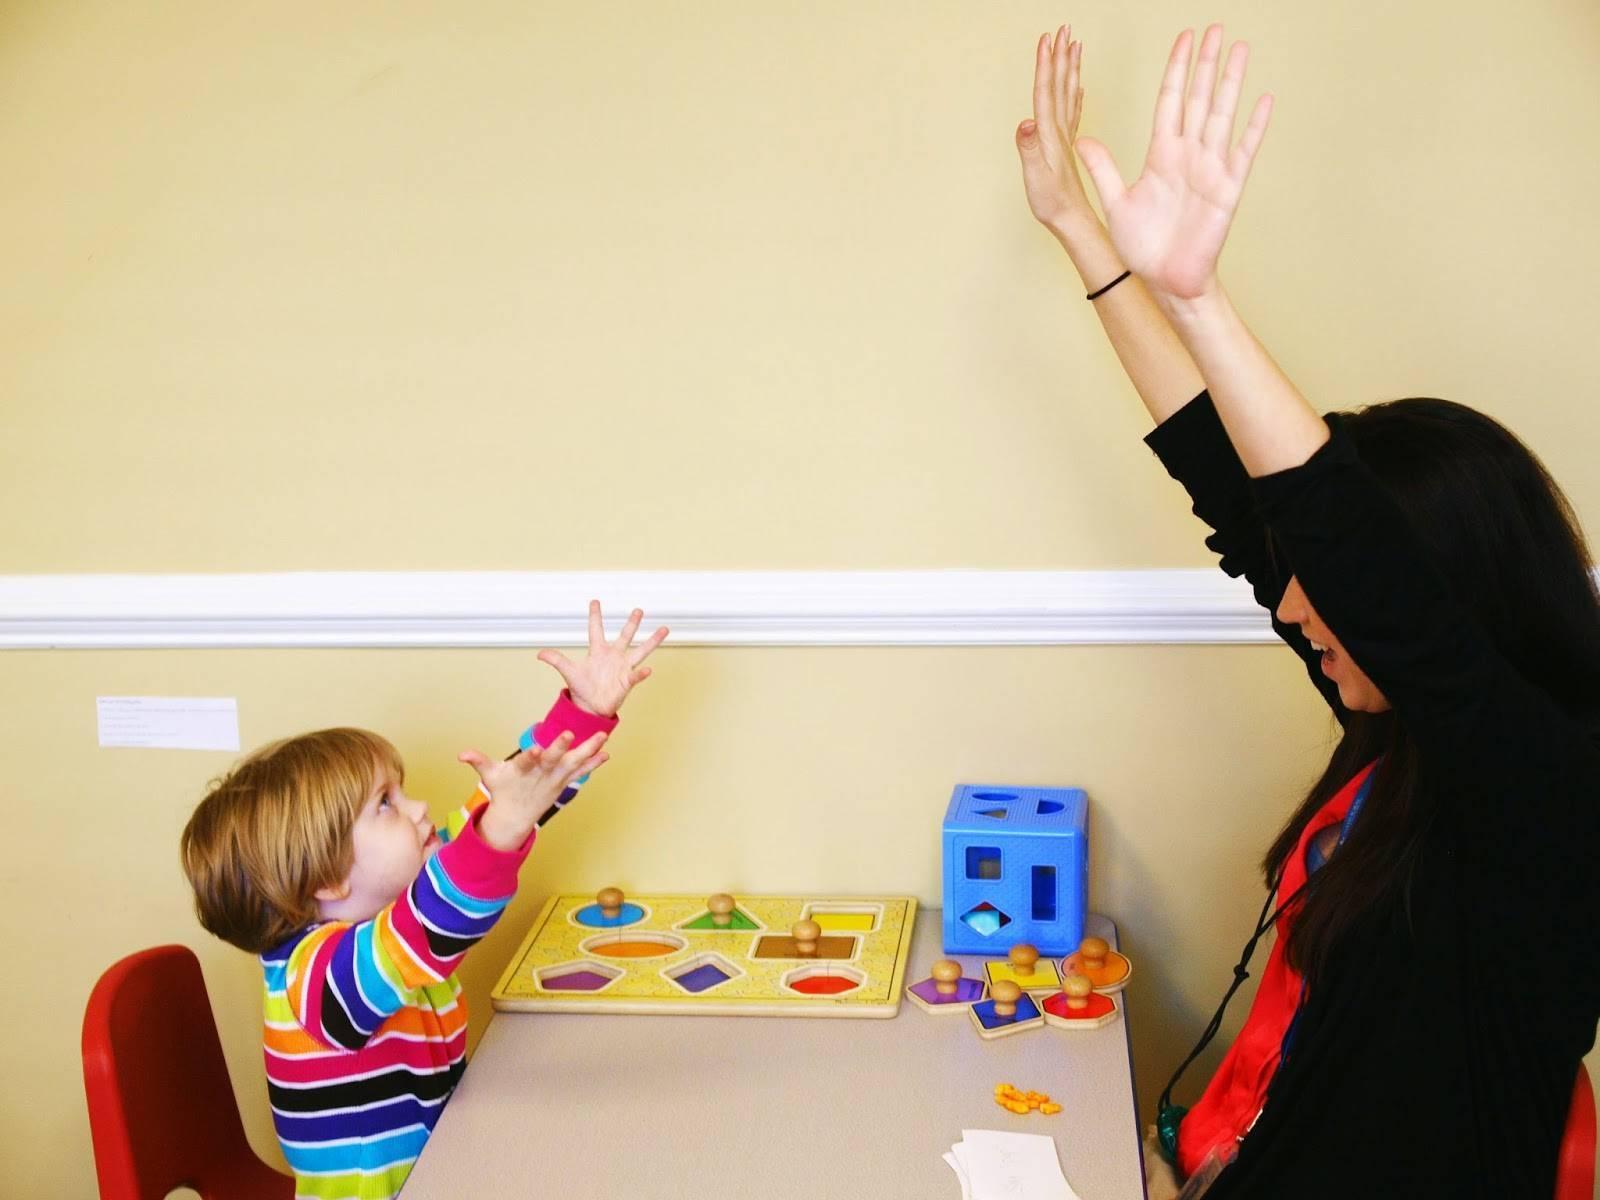 Коррекция нарушений поведения у детей с расстройствами аутистического спектра